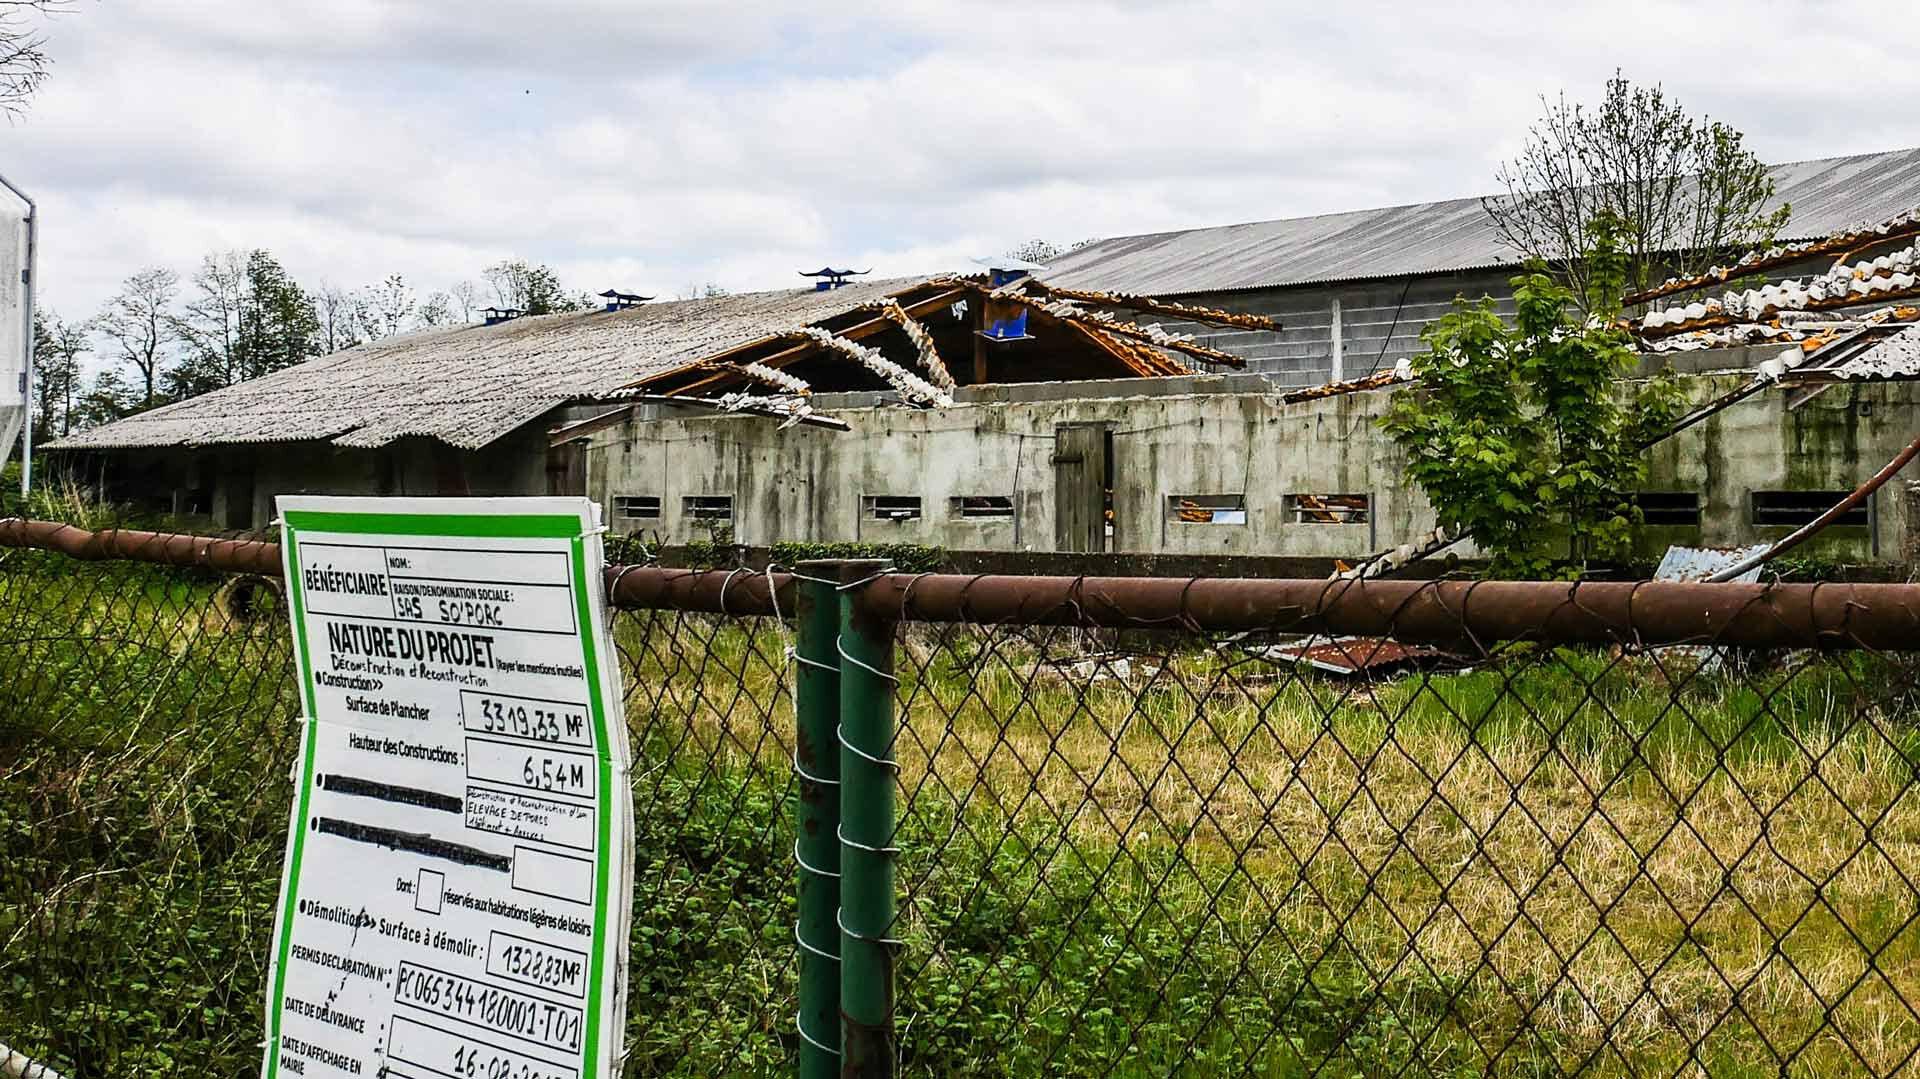 Le bâtiment abandonné d'Ossun, bientôt remplacé par une porcherie industrielle.